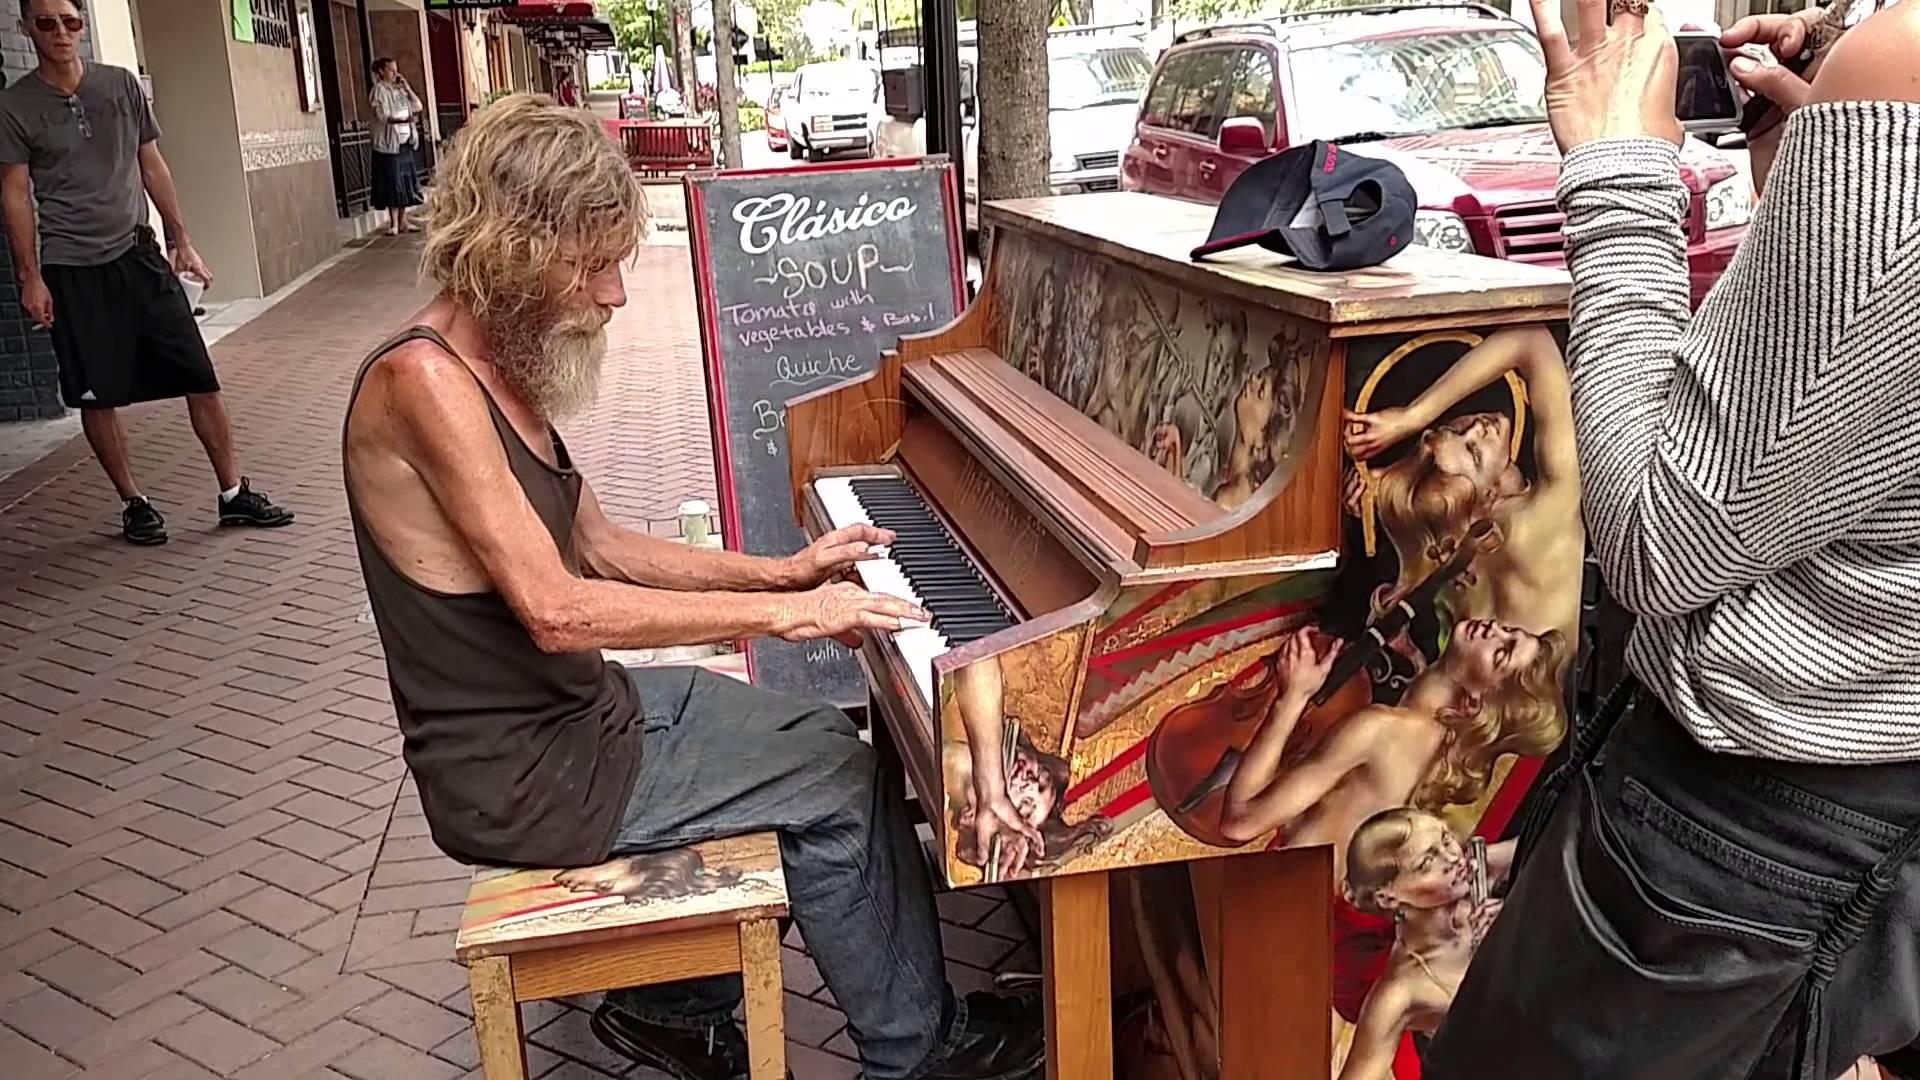 متشرد أمريكي وعزف جميل على البيانو